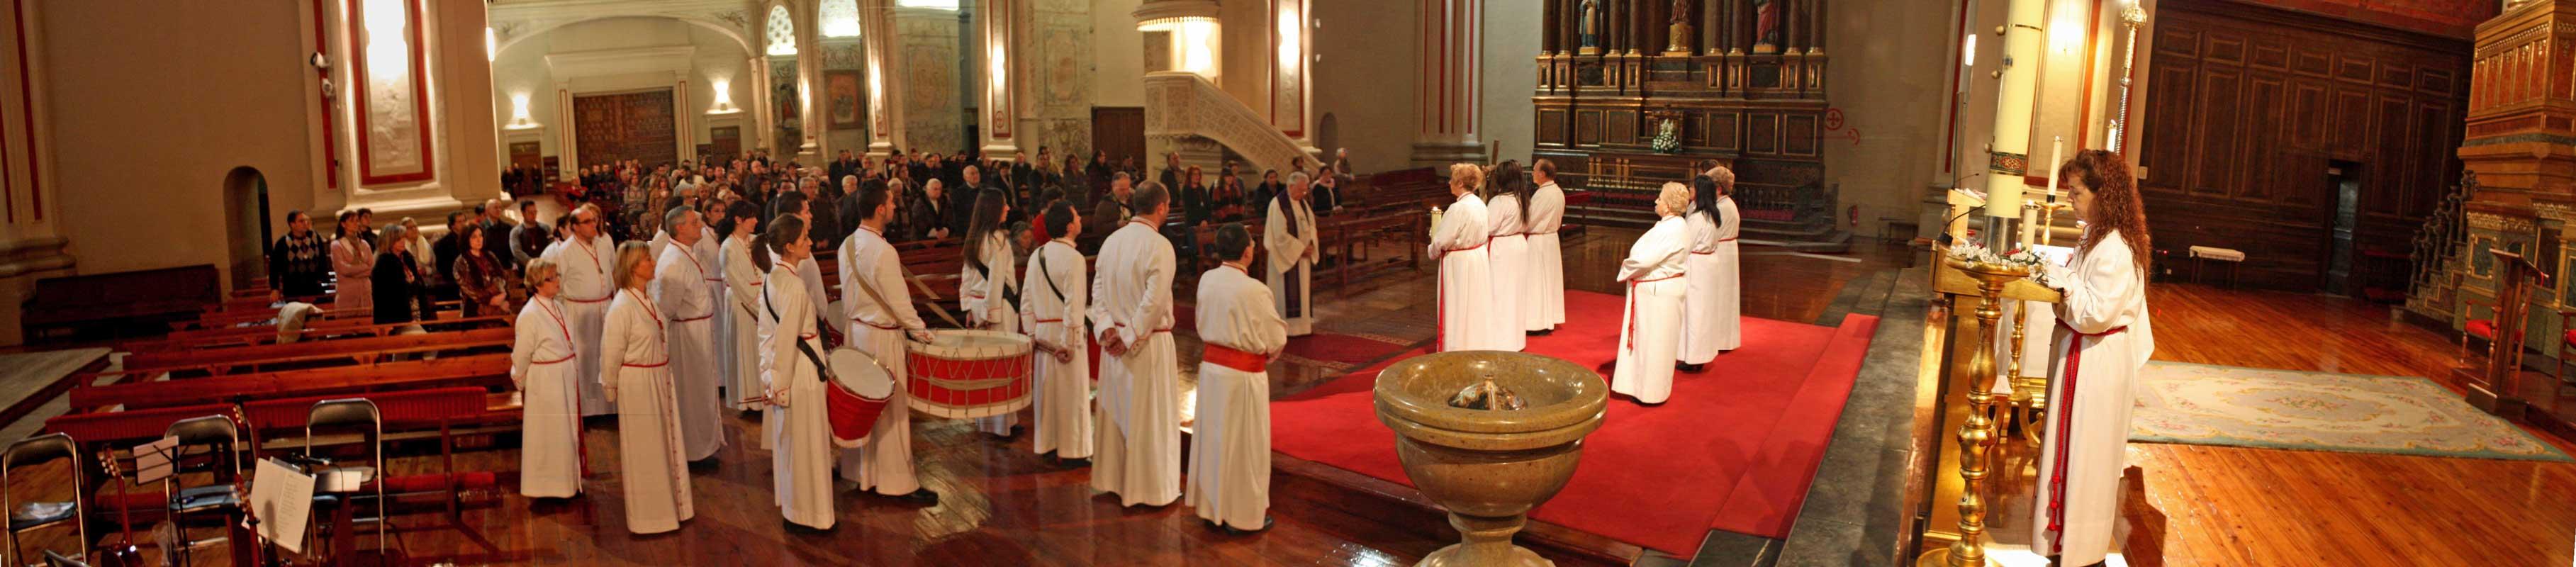 Cofradía Columna Zaragoza – Via Crucis 2013 0